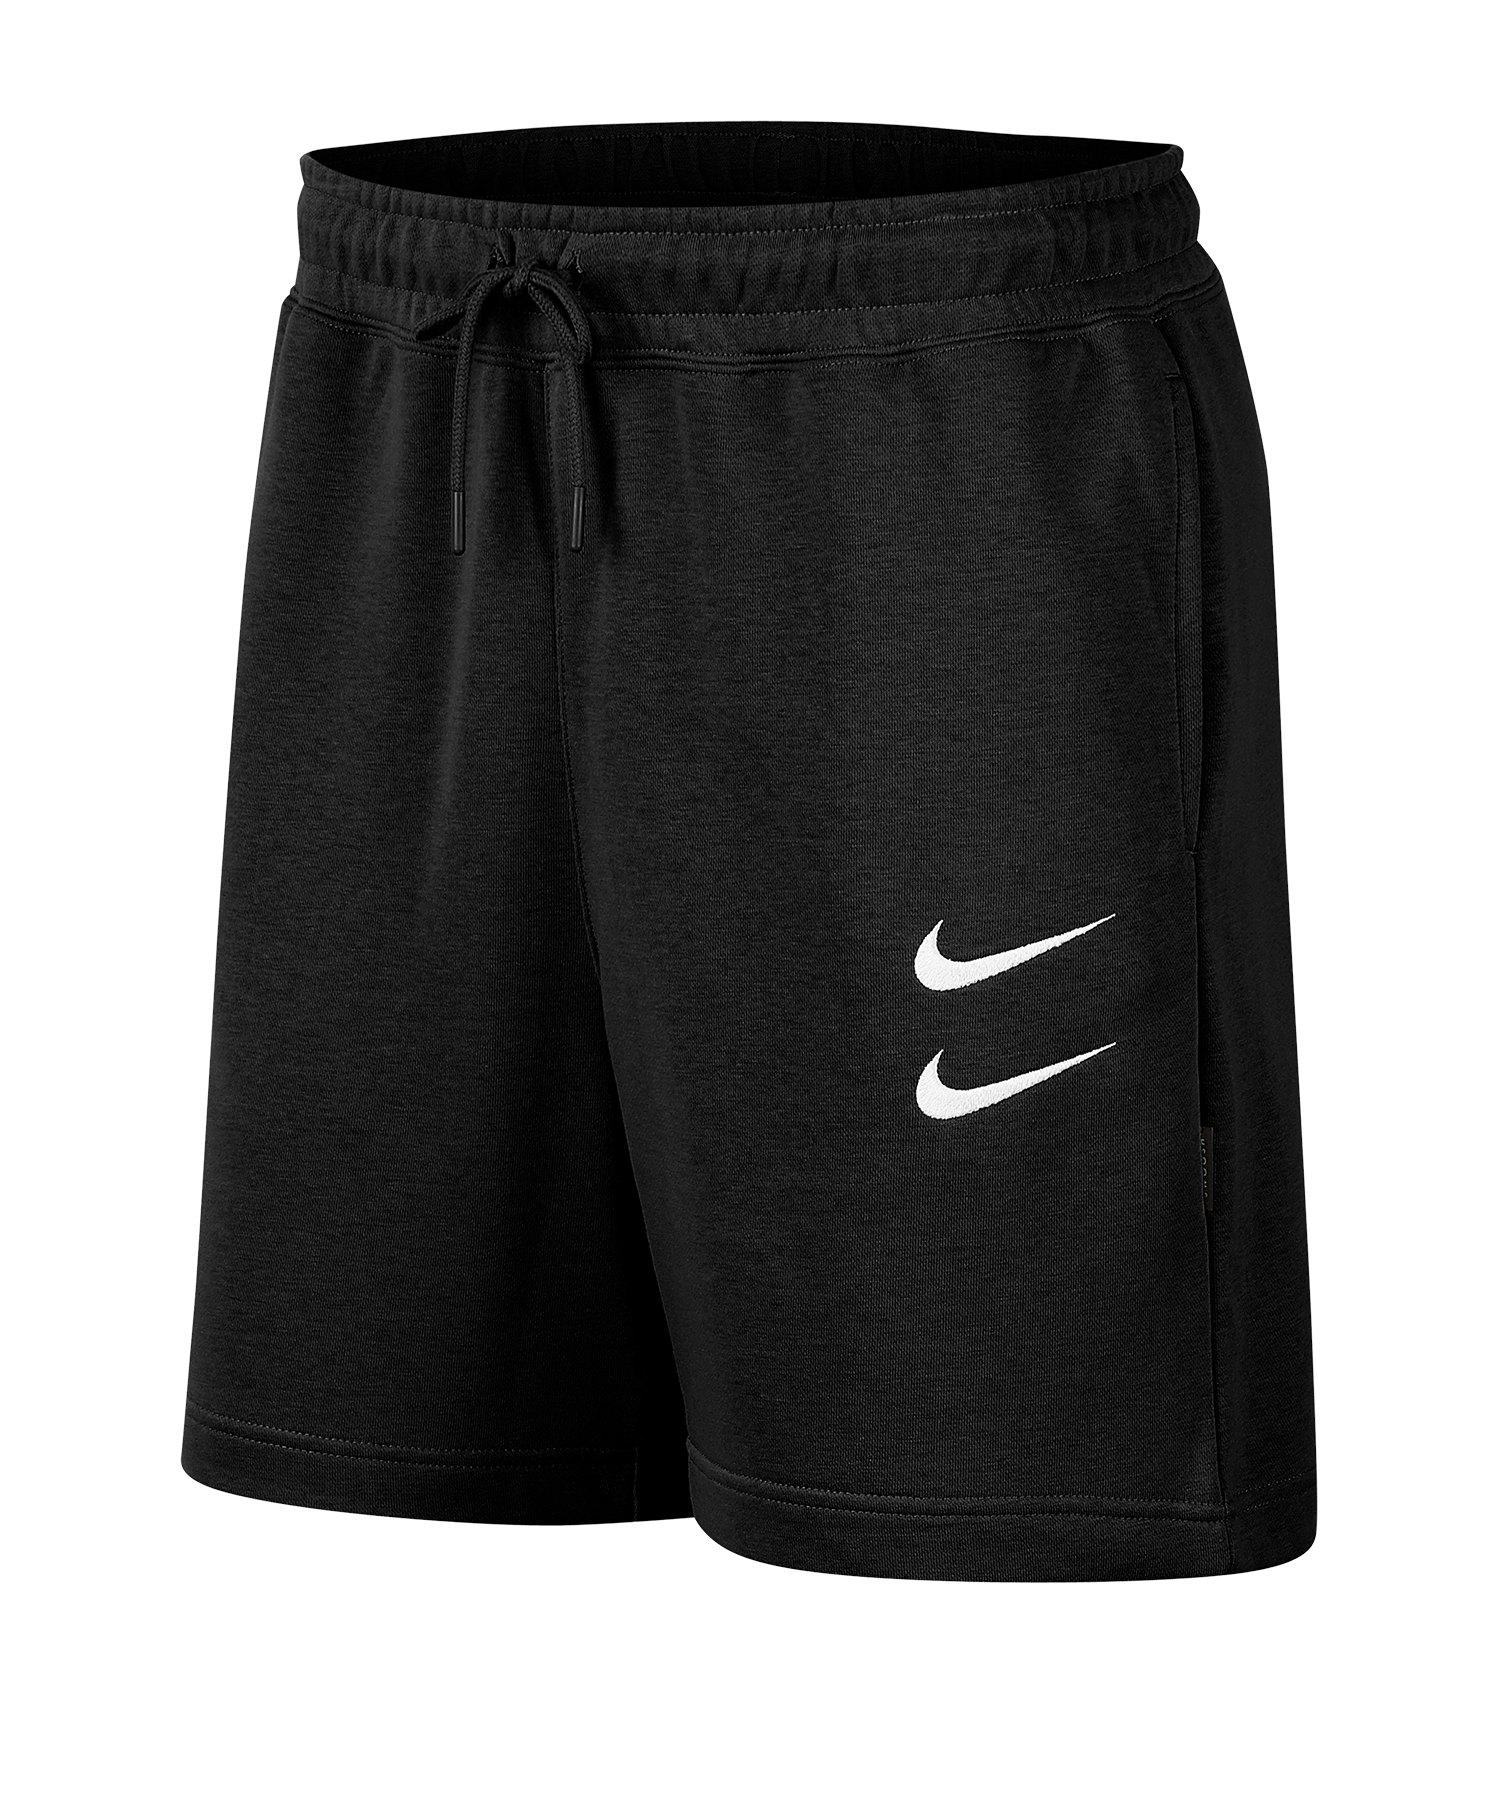 Nike Swoosh French Terry Shorts Schwarz F010 - schwarz